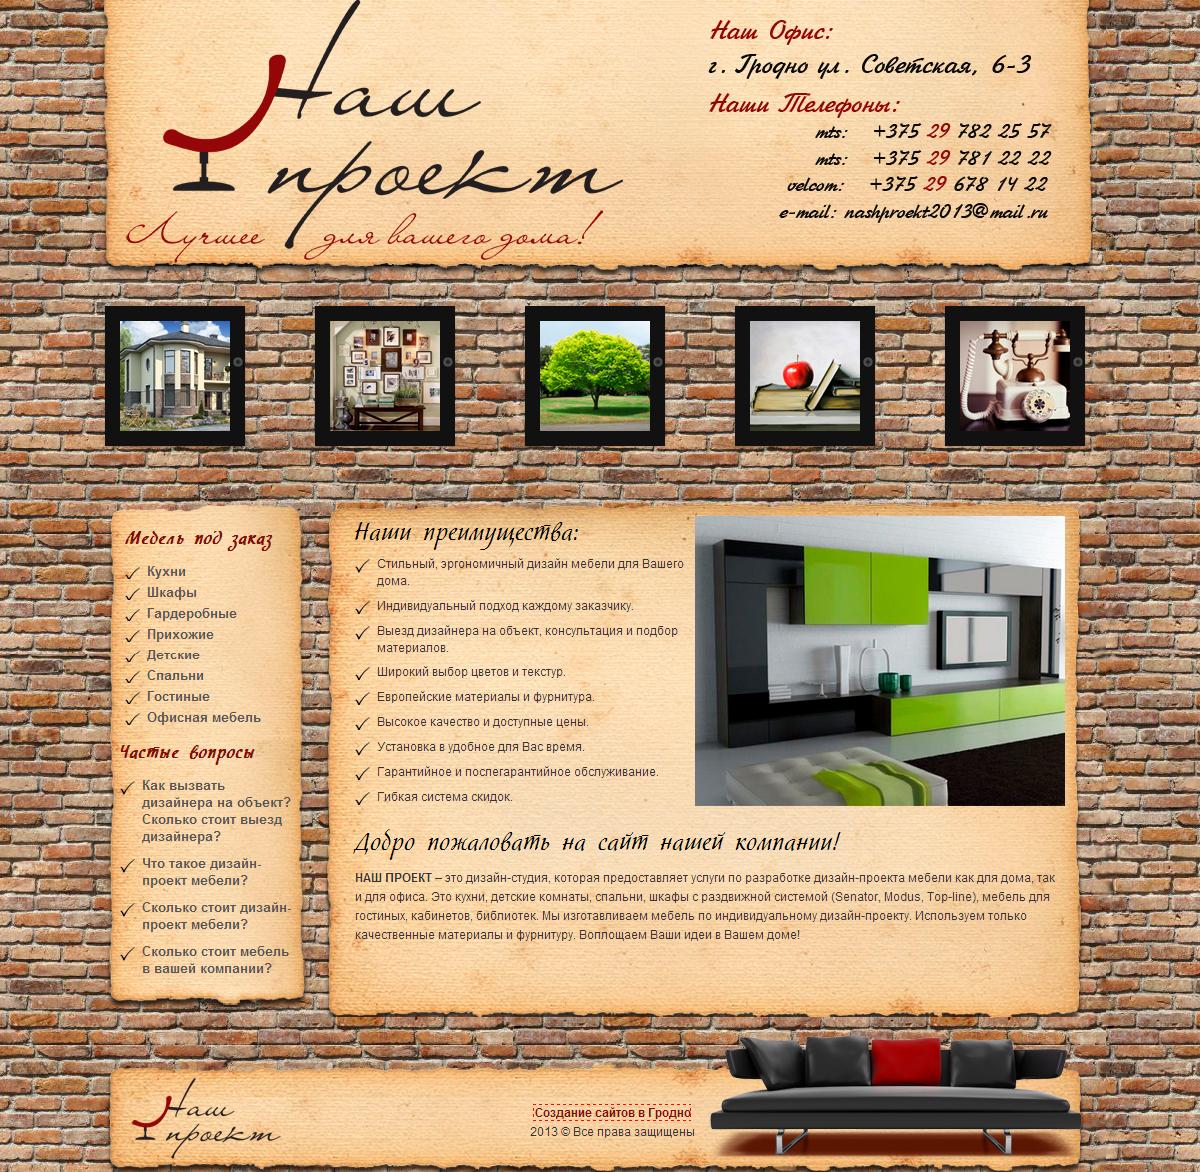 Сайты построения дизайн проекты играфии домов и котеджей